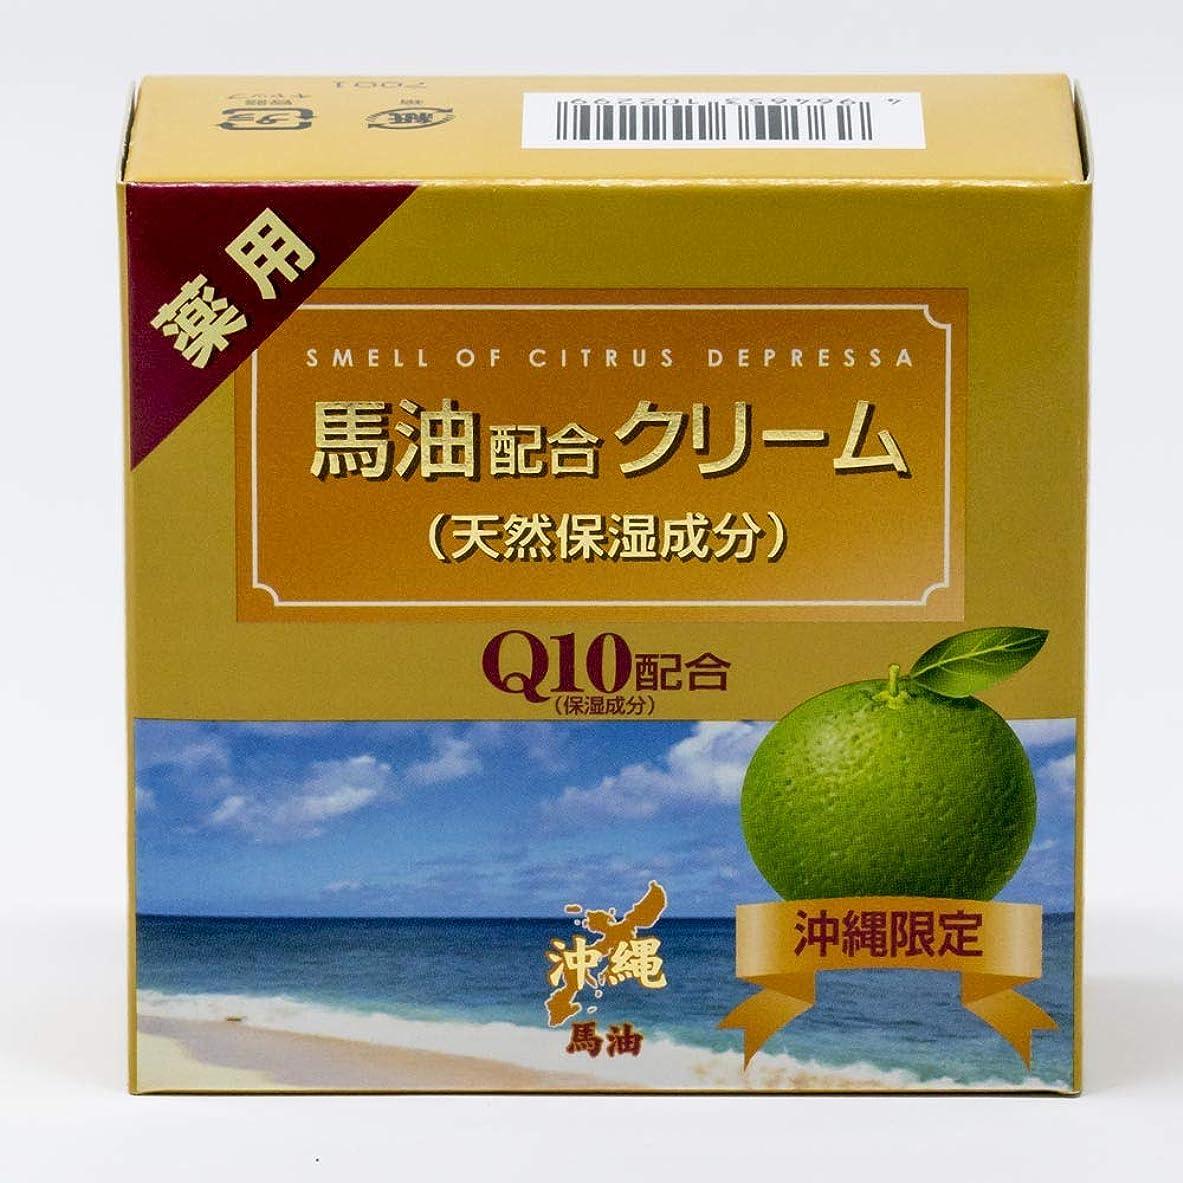 半円思い出す貼り直す薬用 馬油クリーム シークヮーサーの香り Q10配合(沖縄限定)